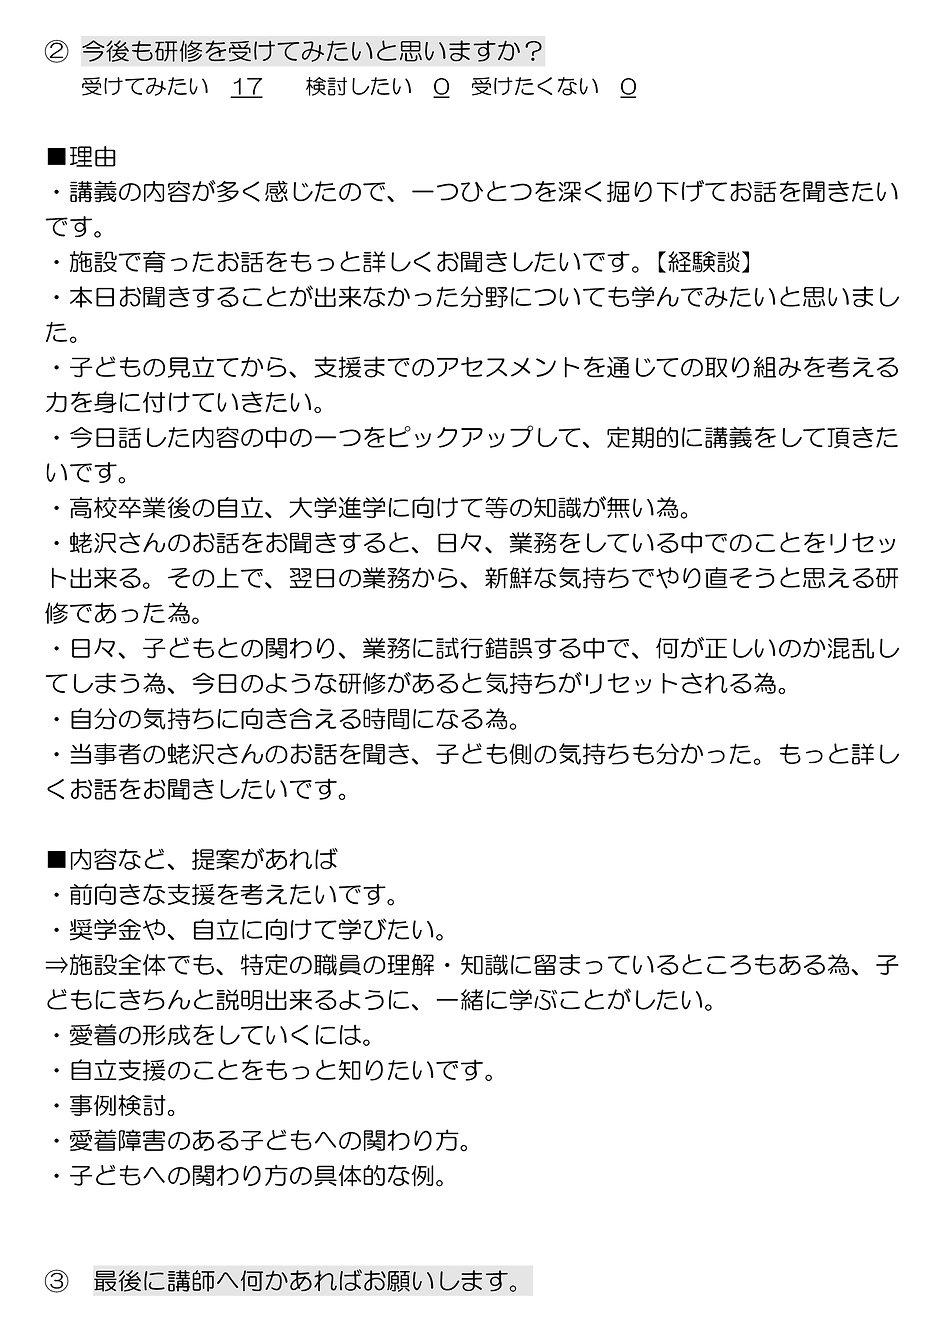 慈友学園職員研修アンケート集計(31.2.28) (1)-2.jpg